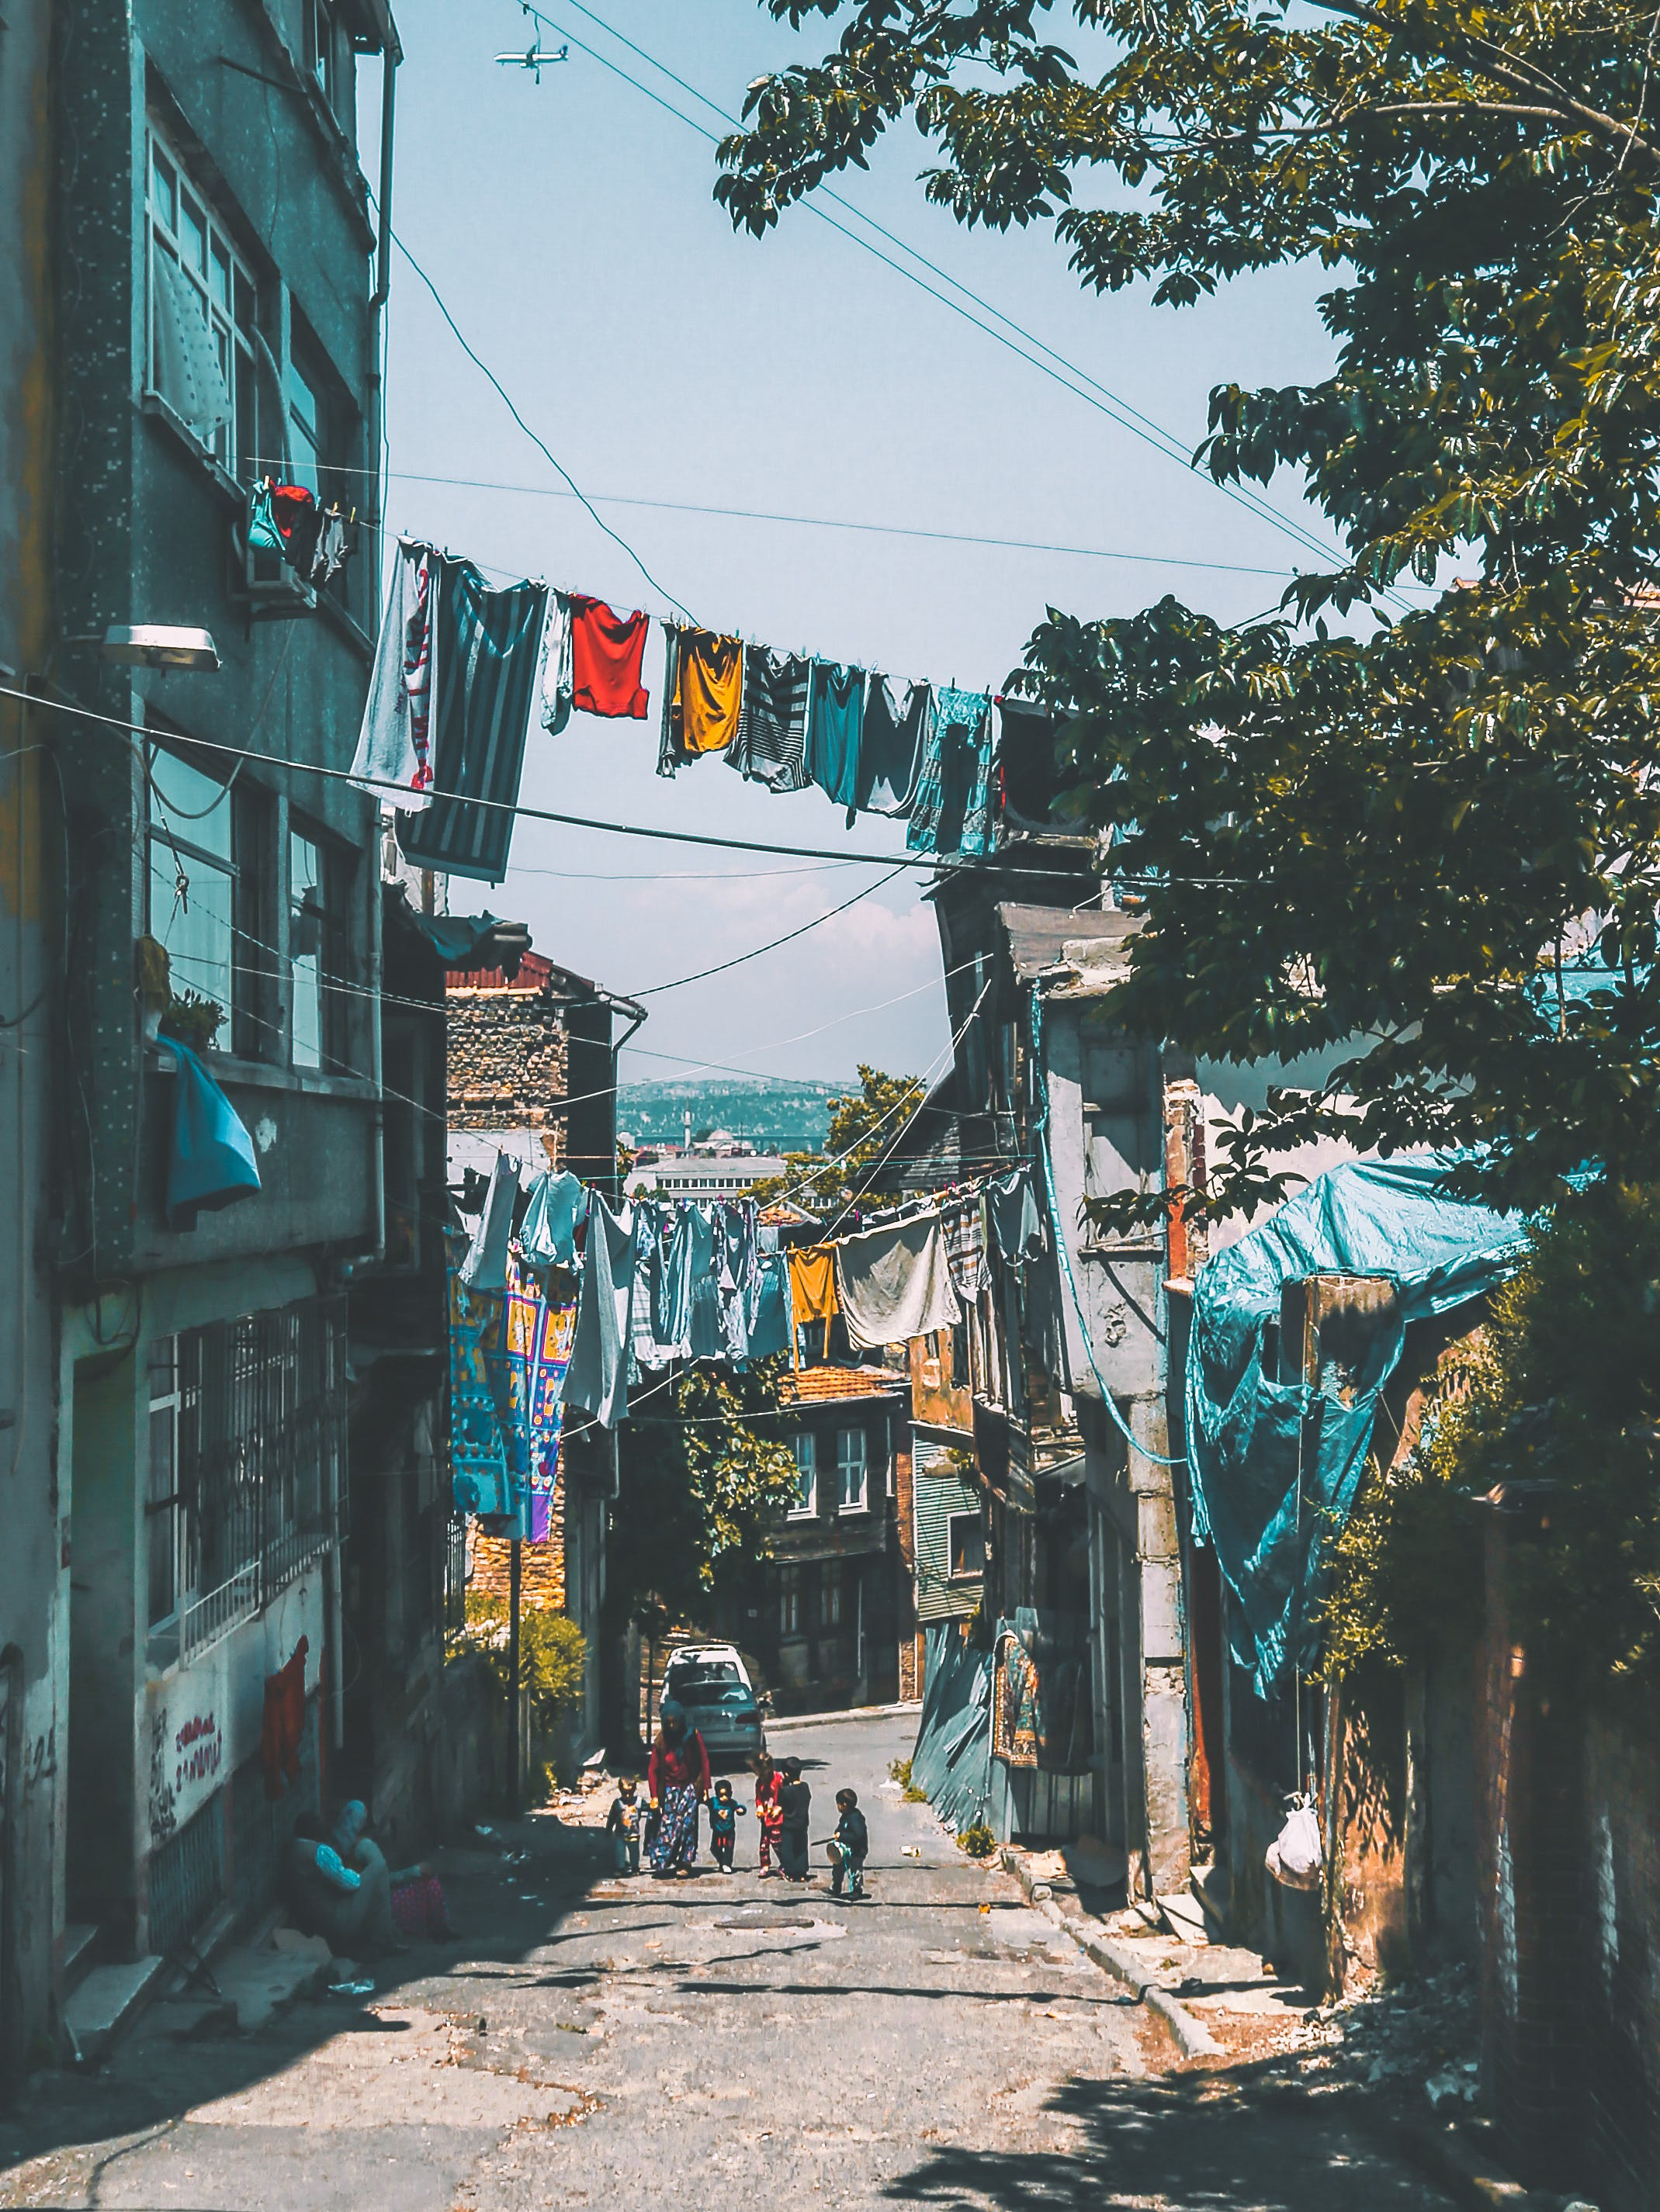 乾燥, 人, 城鎮, 外觀 的 免费素材照片